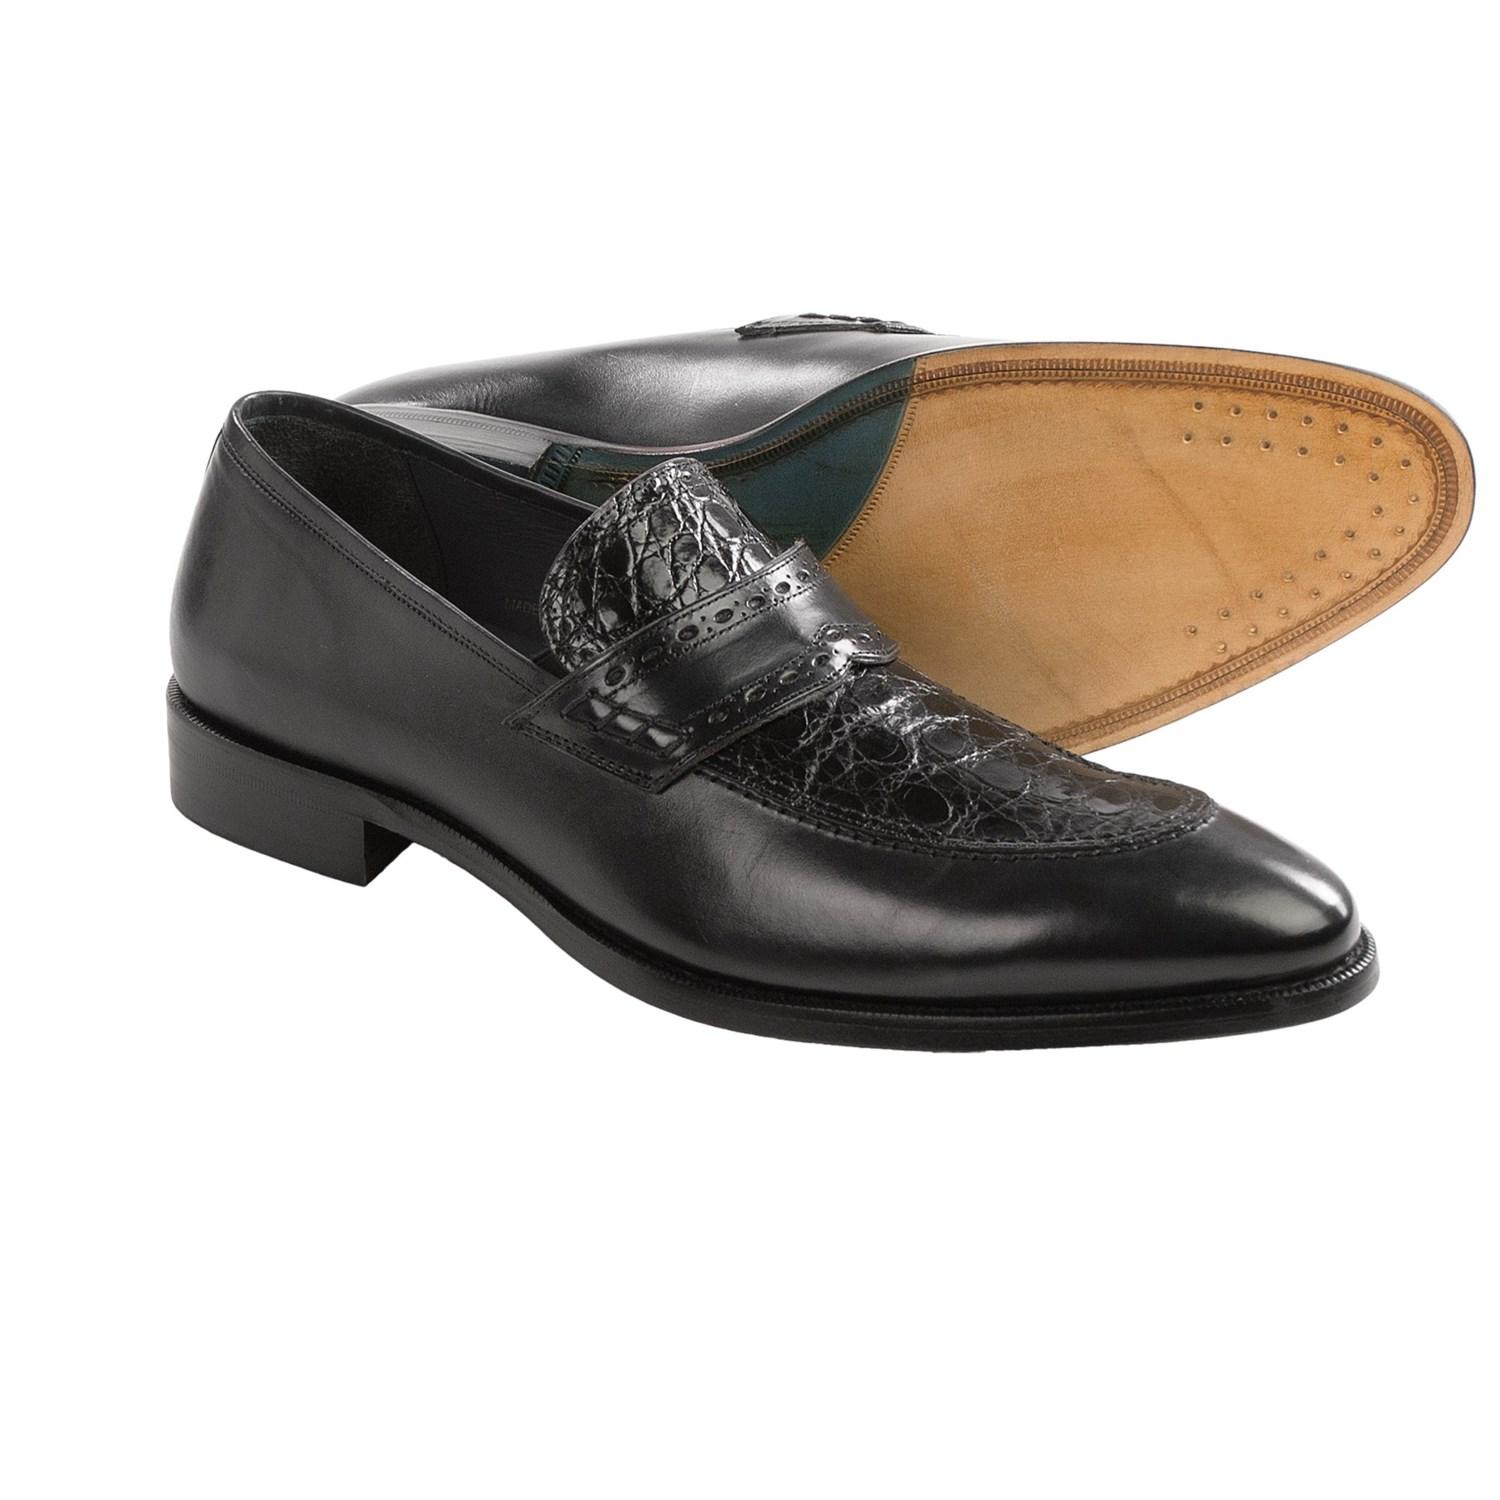 Mezlan Crocodile Shoes Review